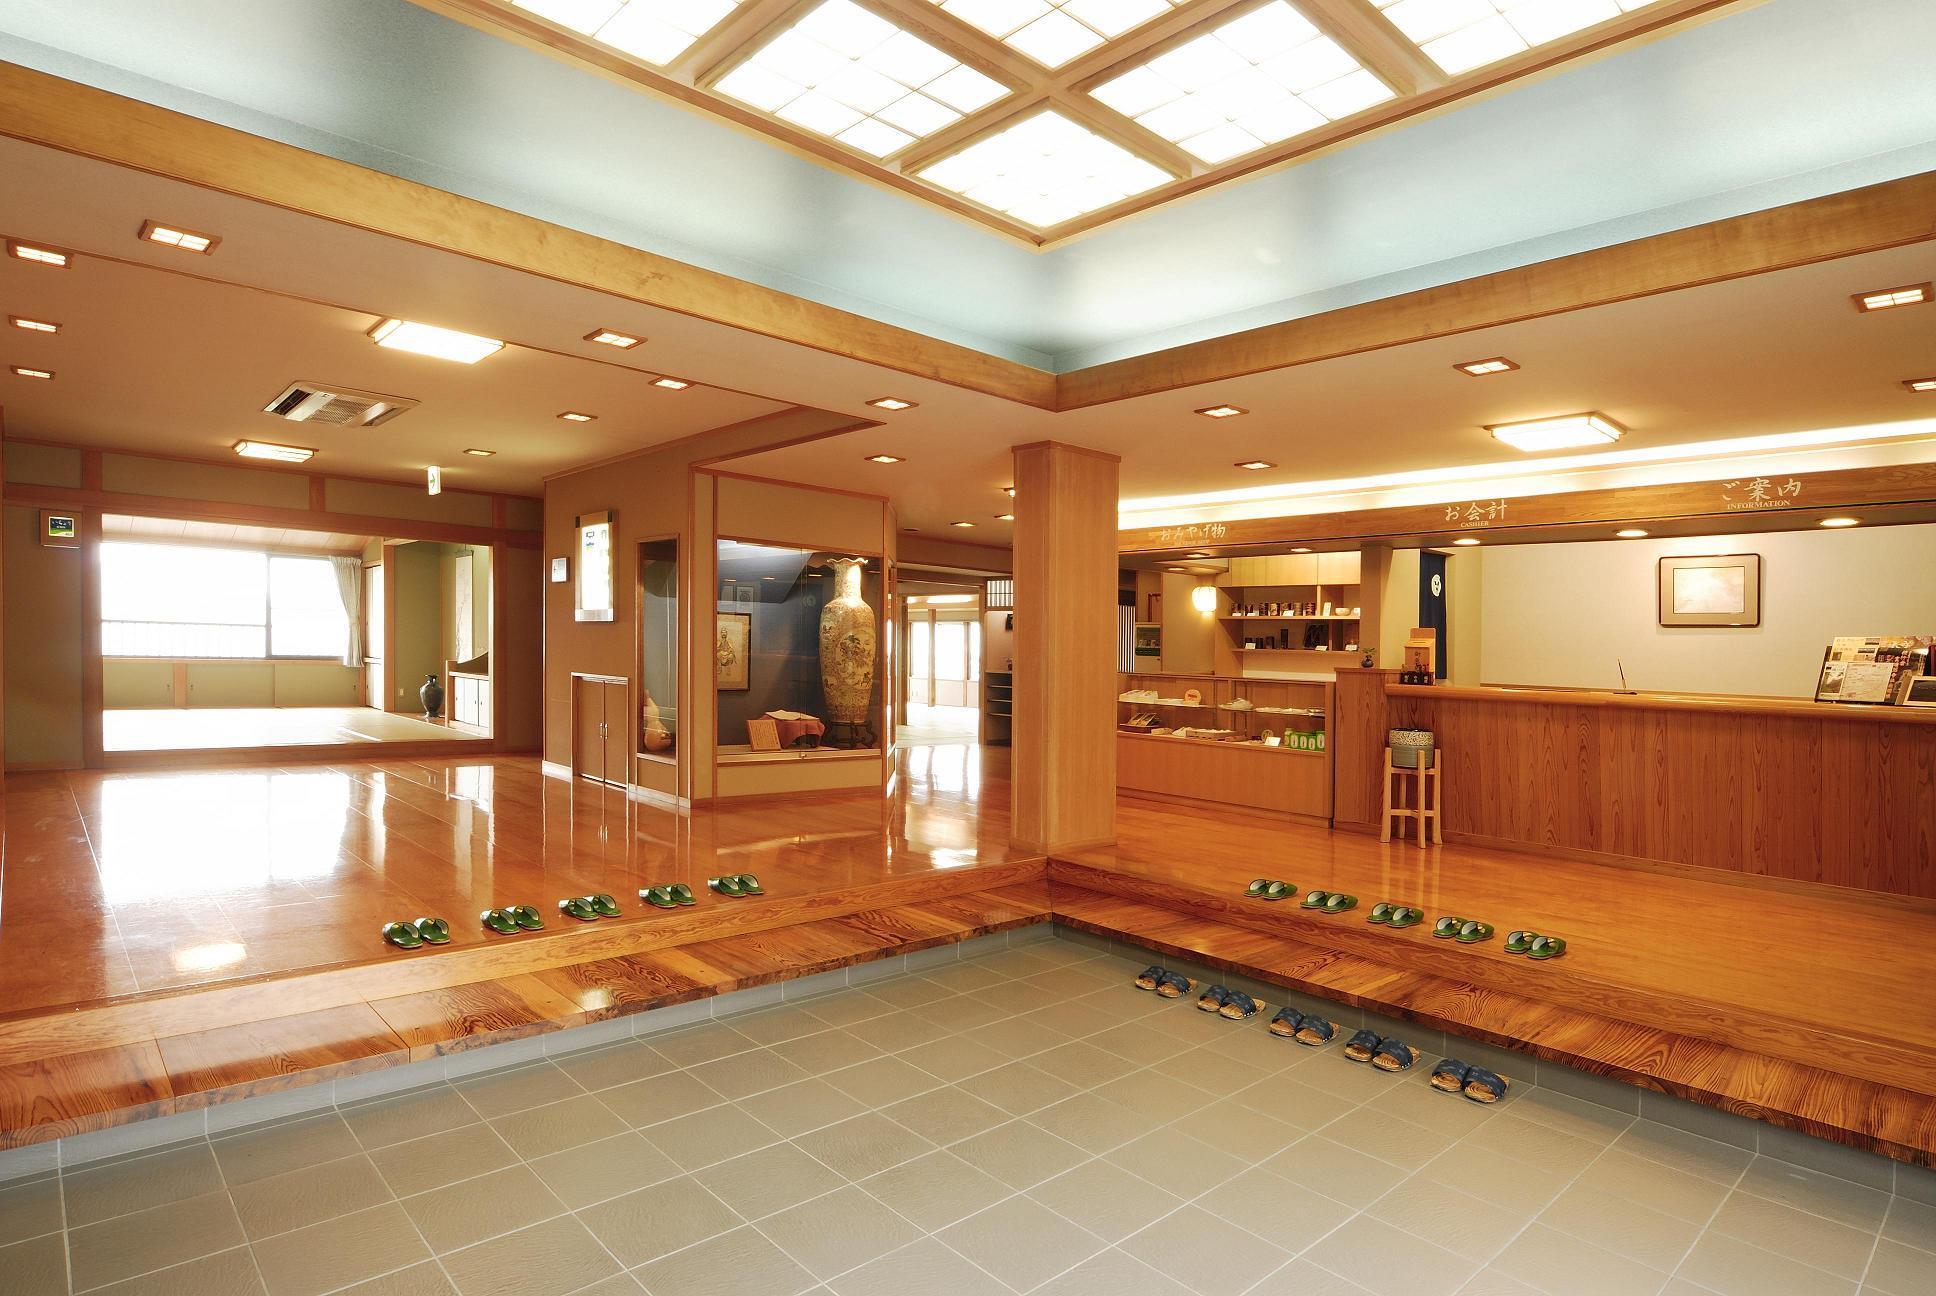 【重要】湯川屋にご宿泊予定の大切なお客様へ_e0154524_09513289.jpg